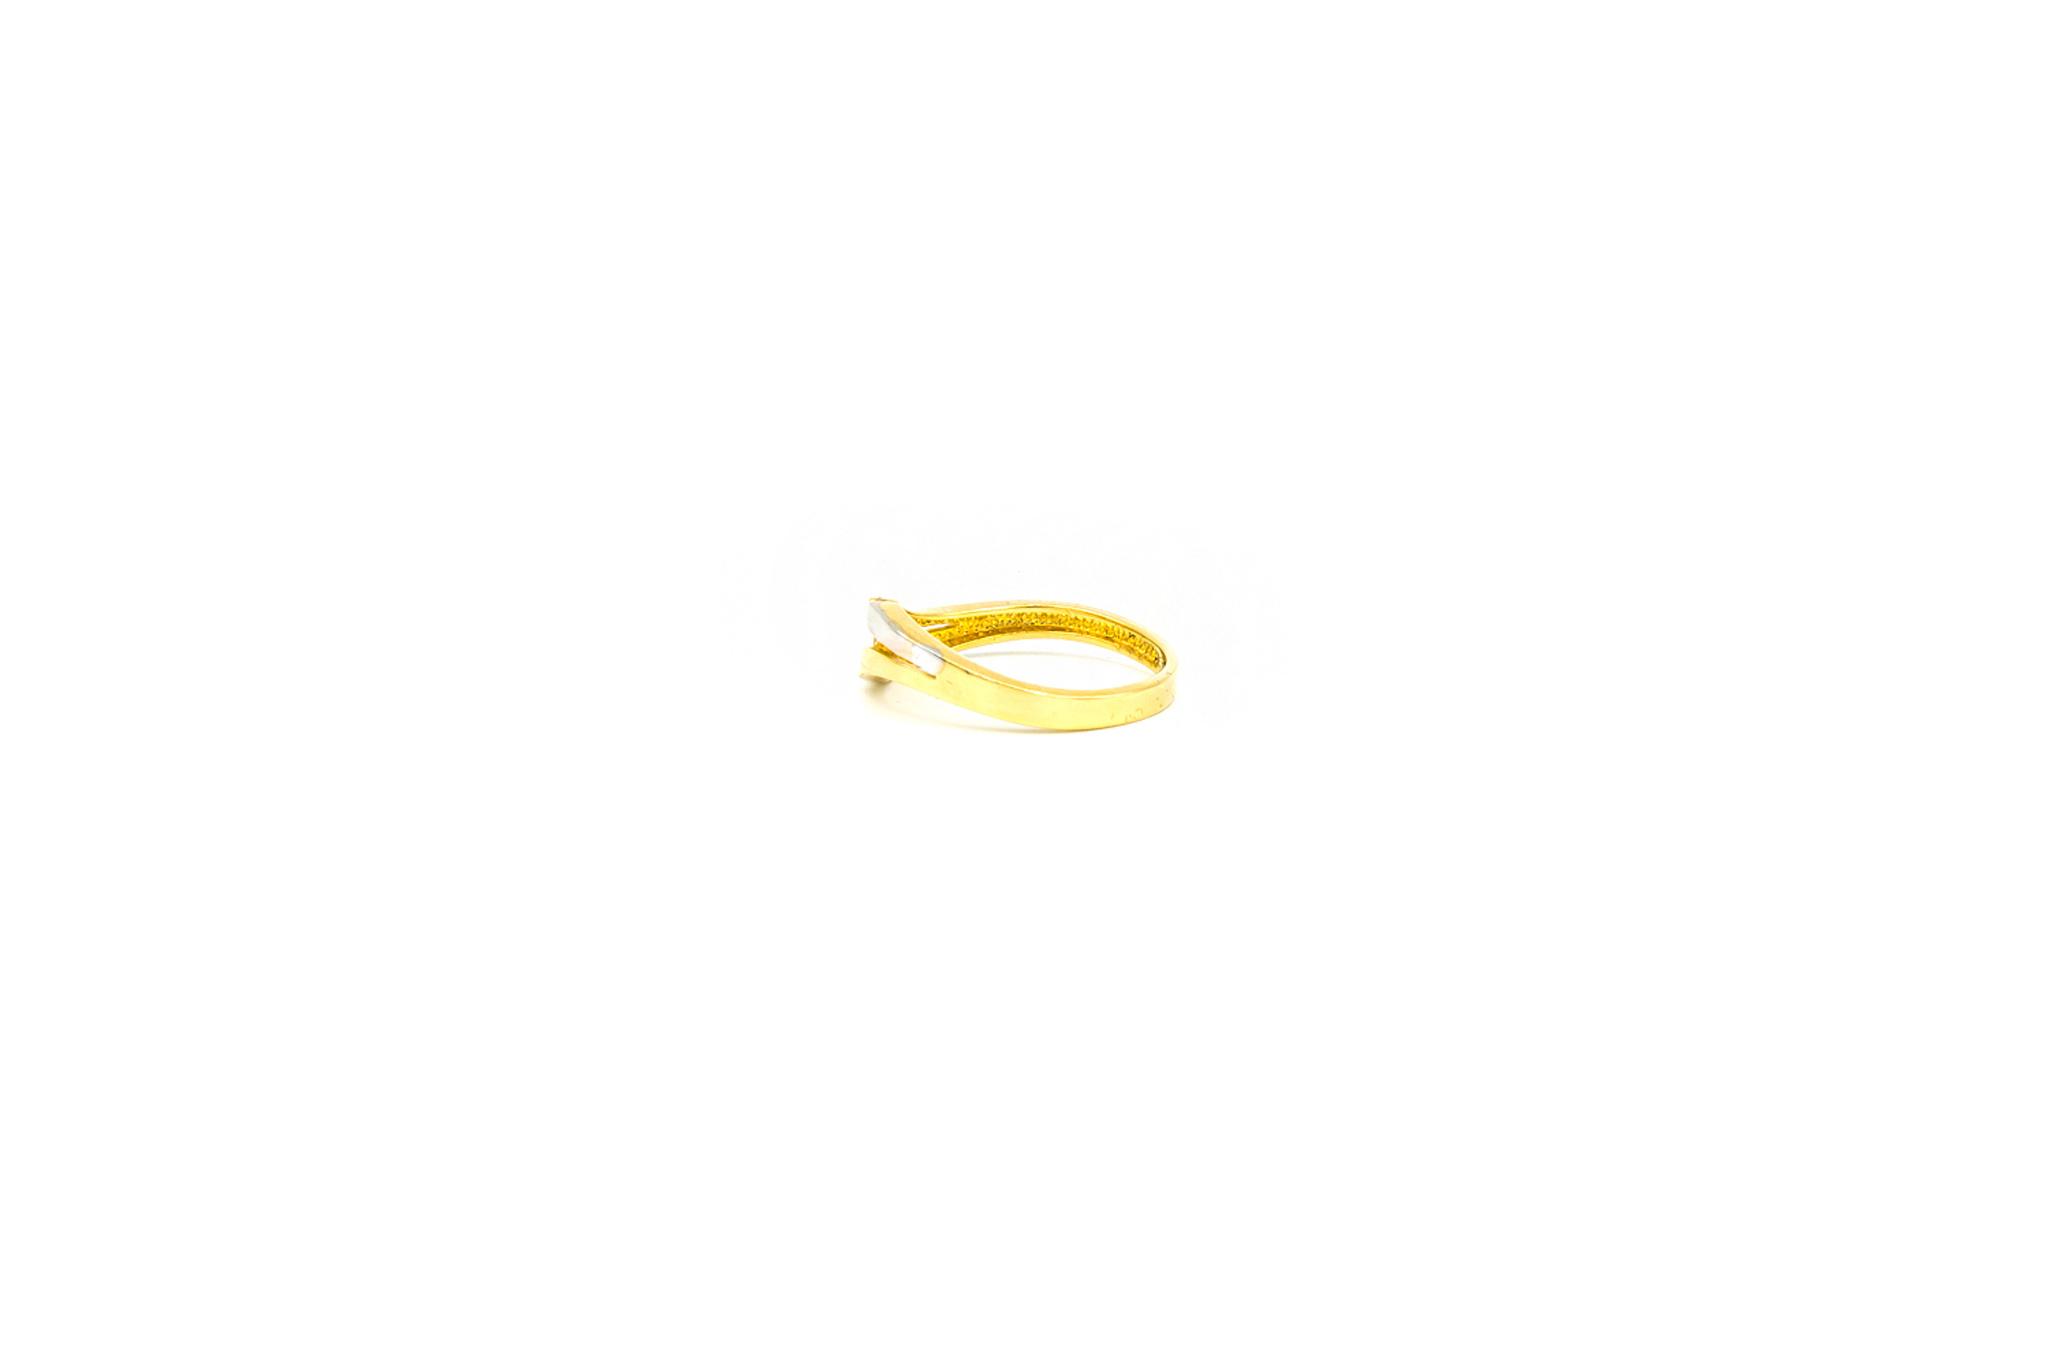 Ring slag bezet met 3 zirkonia's, bicolor-3